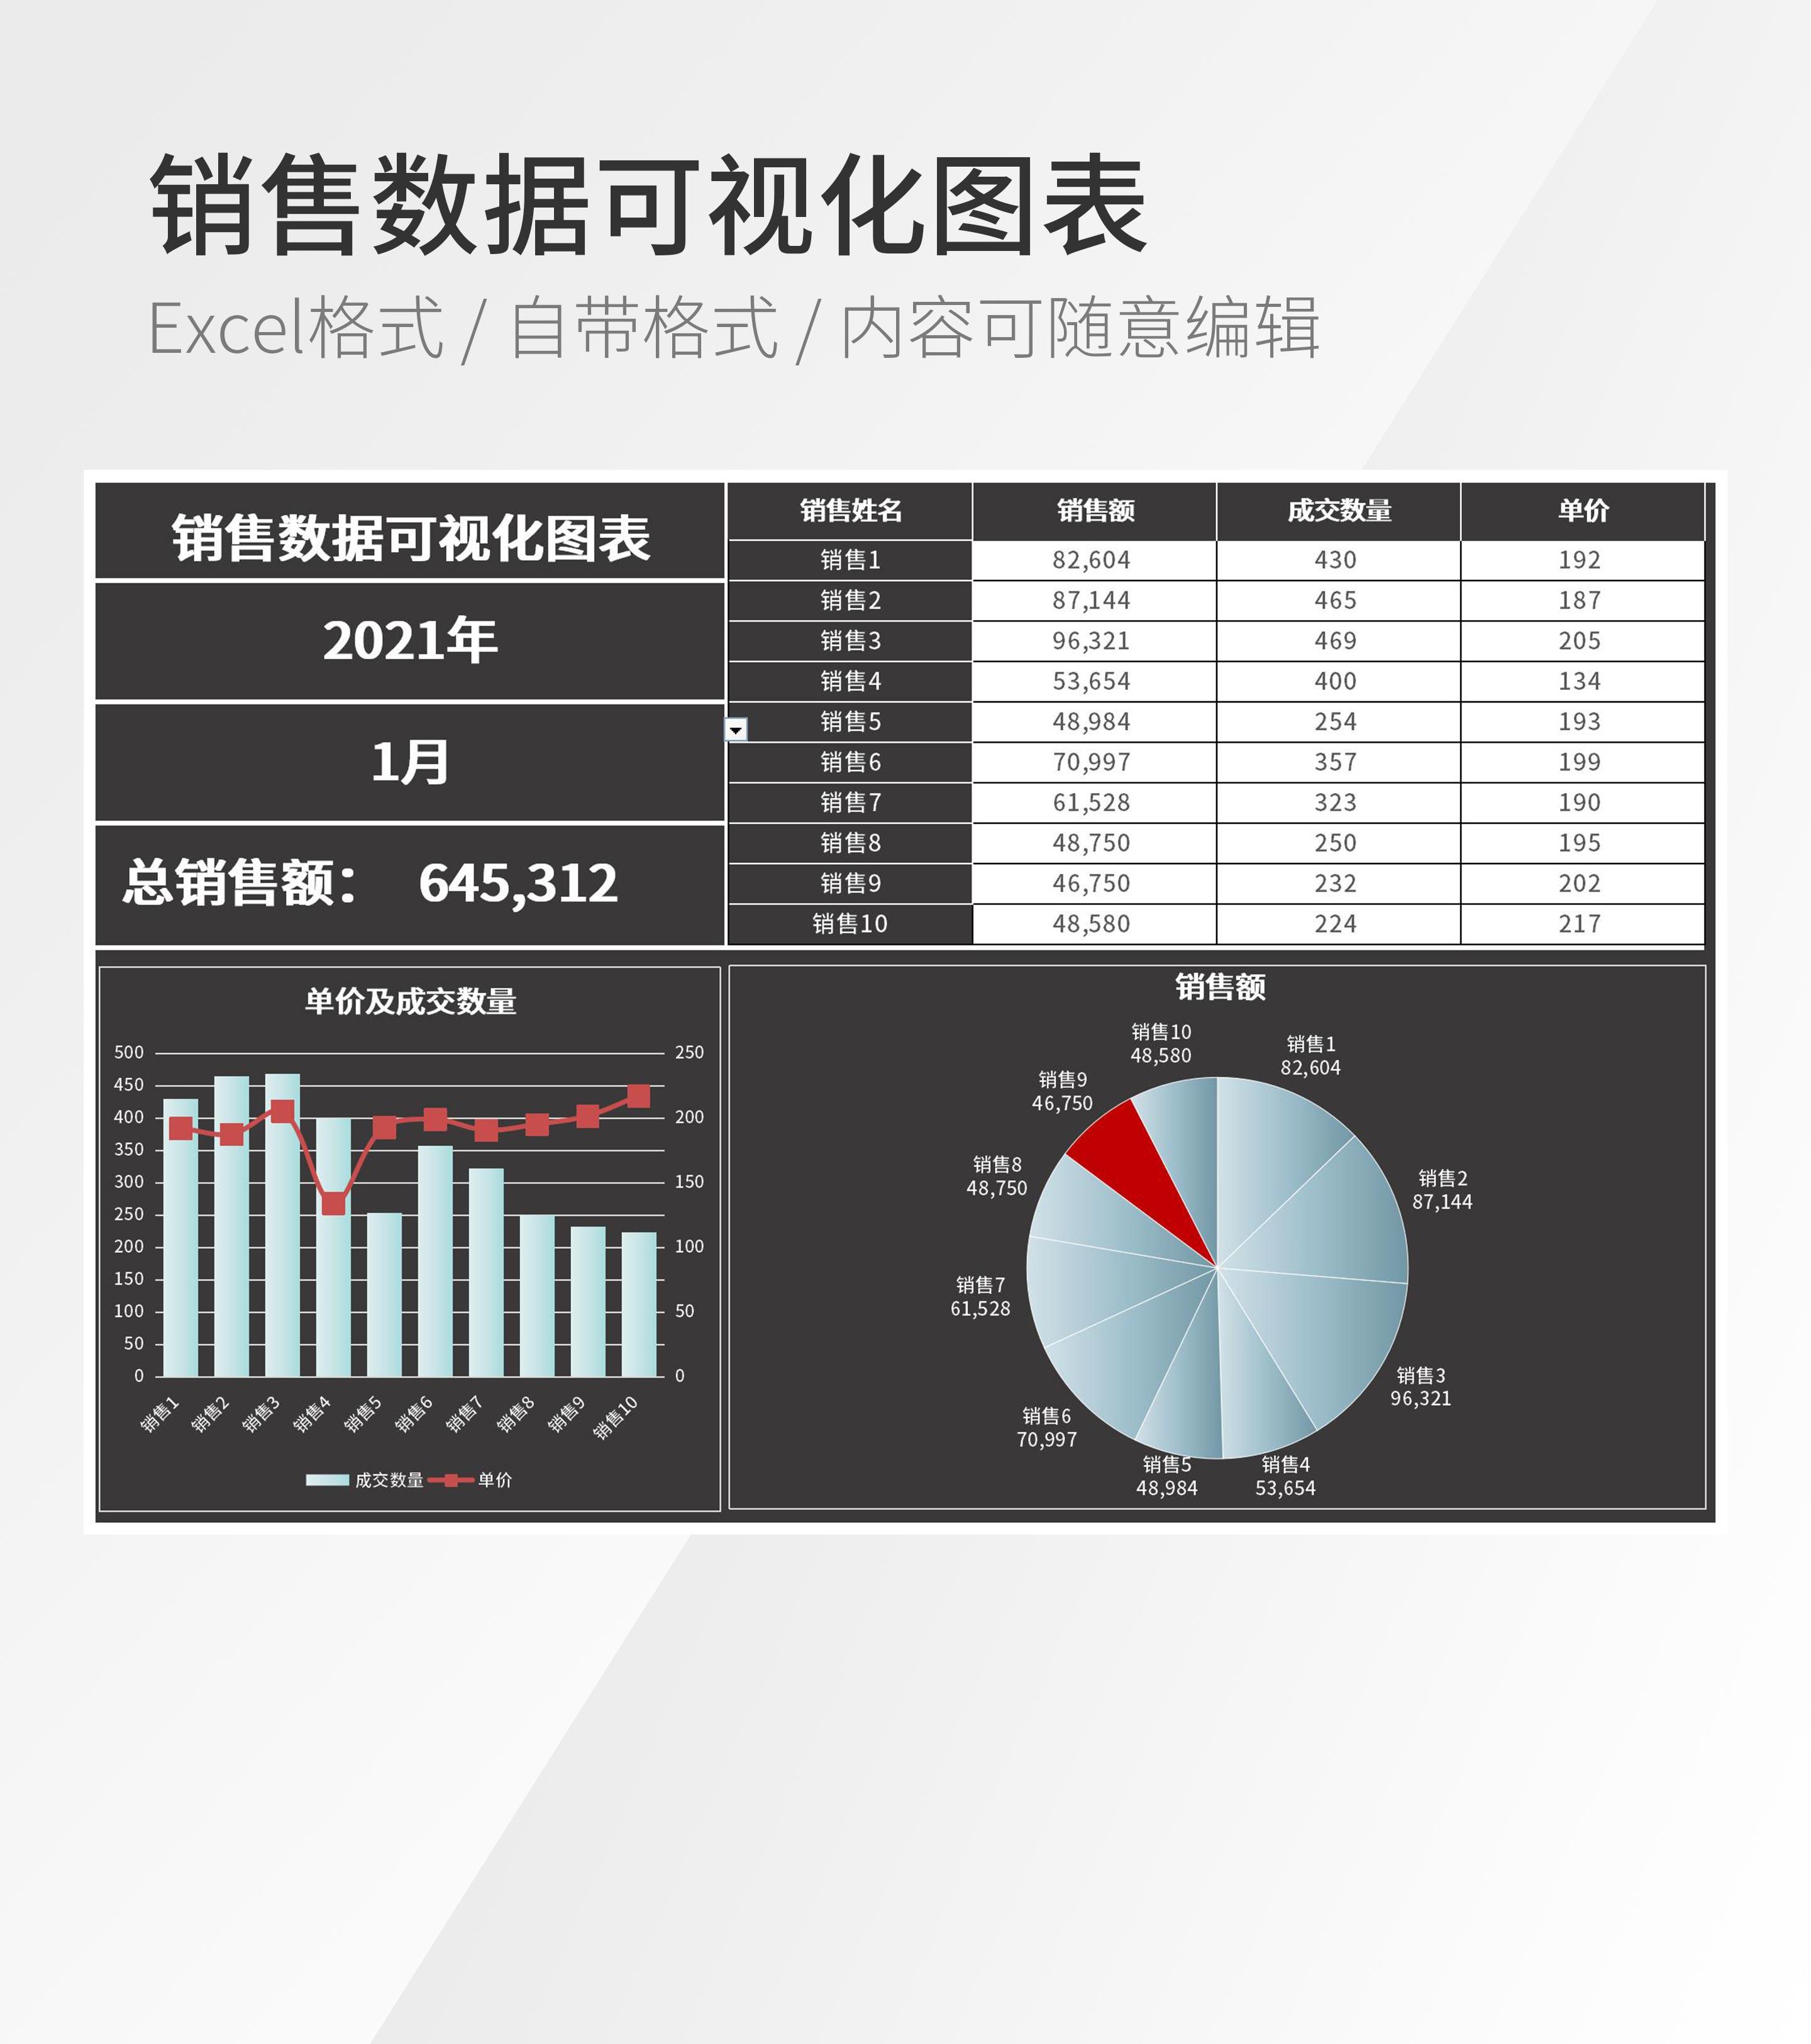 产品销售数据可视化图表Excel模板